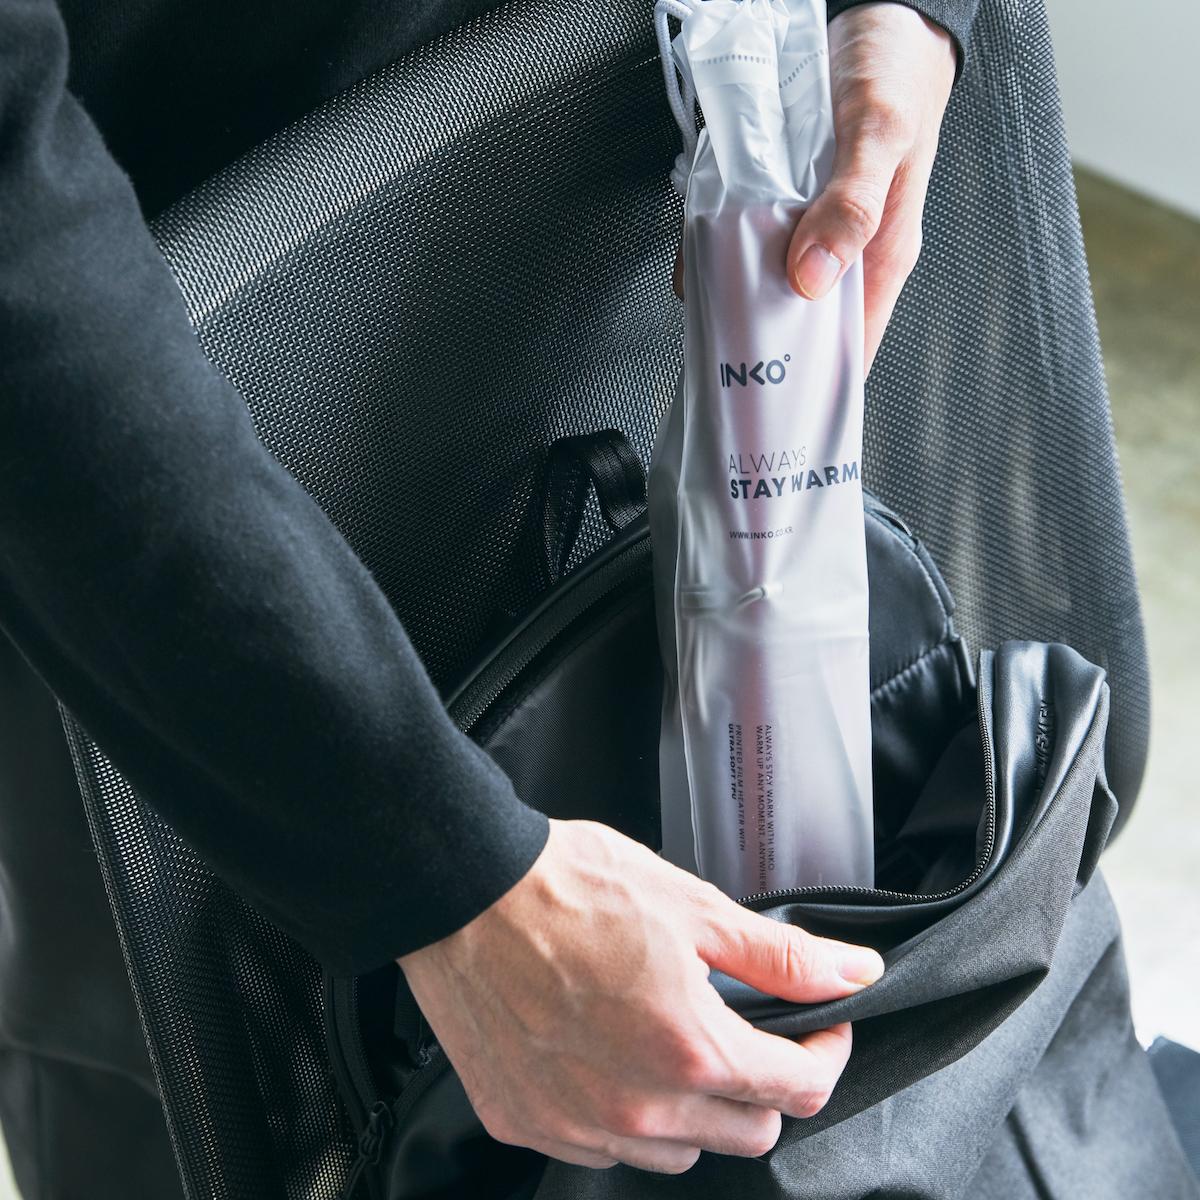 広範囲に銀ナノインクを印刷するから、シート全体を均一に素早く温められる。電熱線がないからくるくるとスリムに丸めて収納も可能。インクで安全発熱するシート型ヒーター「USB式温熱マット」|INKO(インコ)